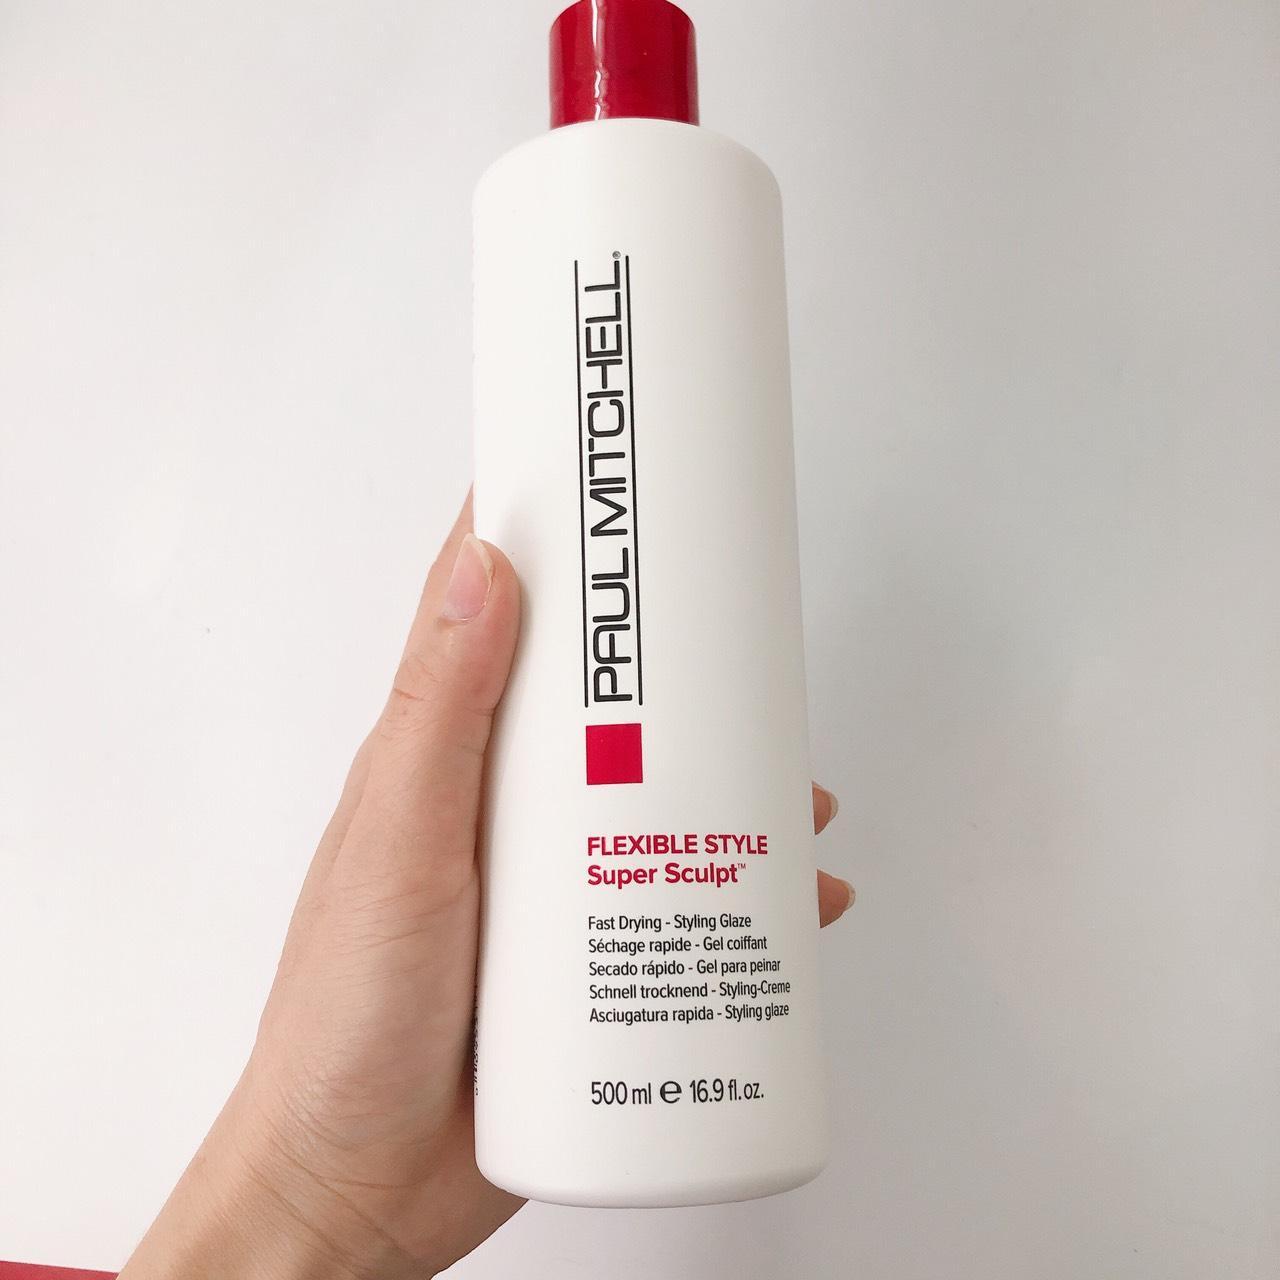 Gel giữ nếp tóc uốn (mùi táo xanh) Paul Mitchell Flexible Style Super Sculpt gel 500ml giá rẻ